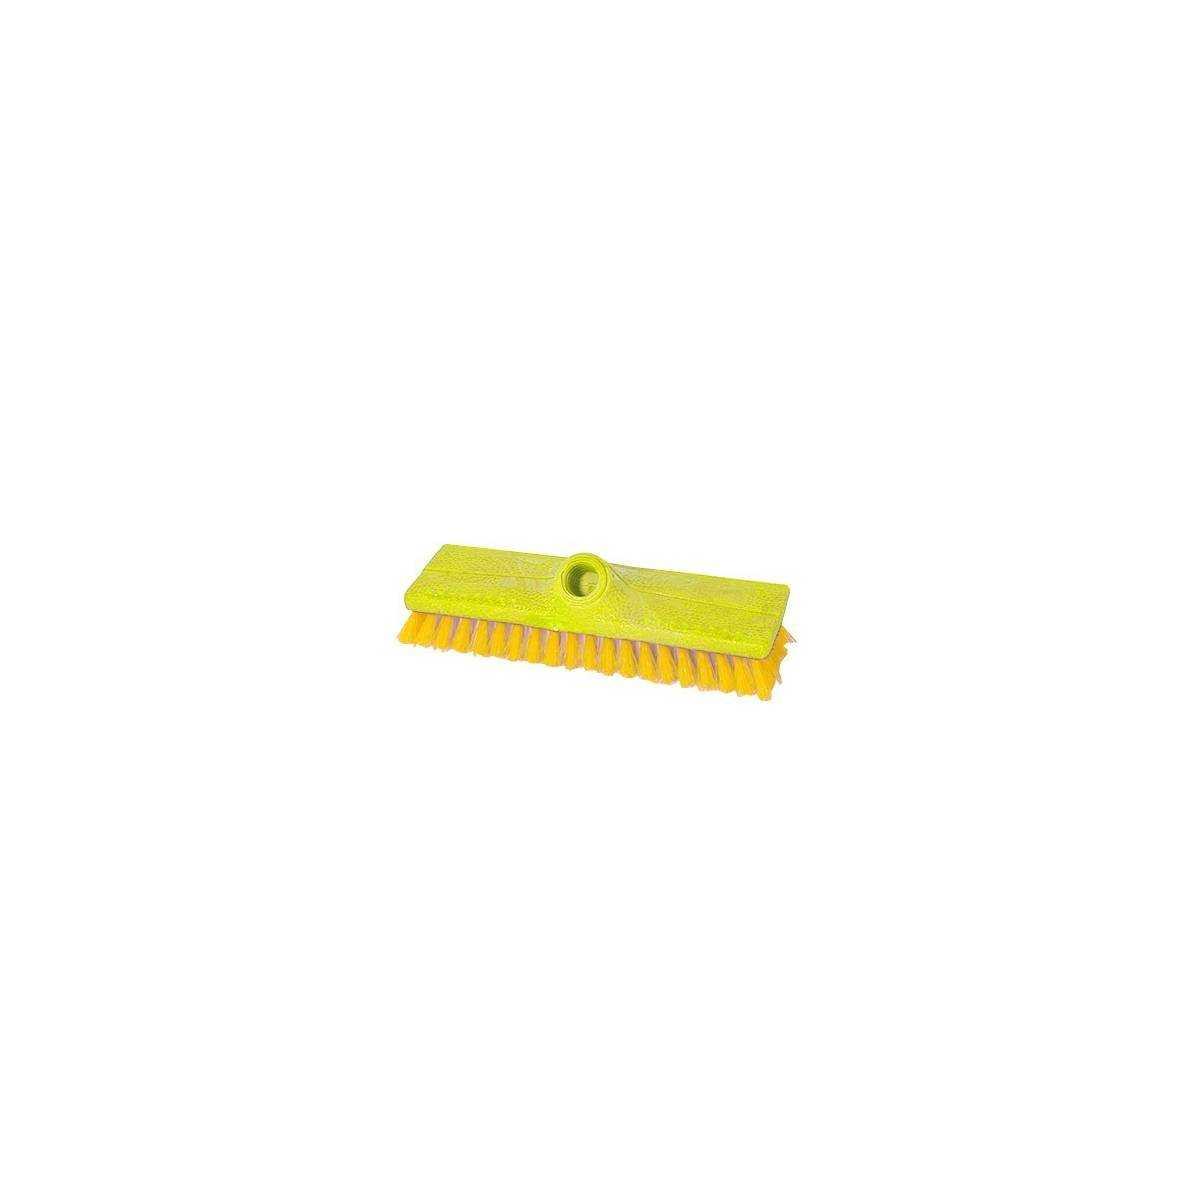 Щетка для пола поливинилхлорид 24см SuperiorMix (Желтого цвета) 08.00631.0024 Y TTS